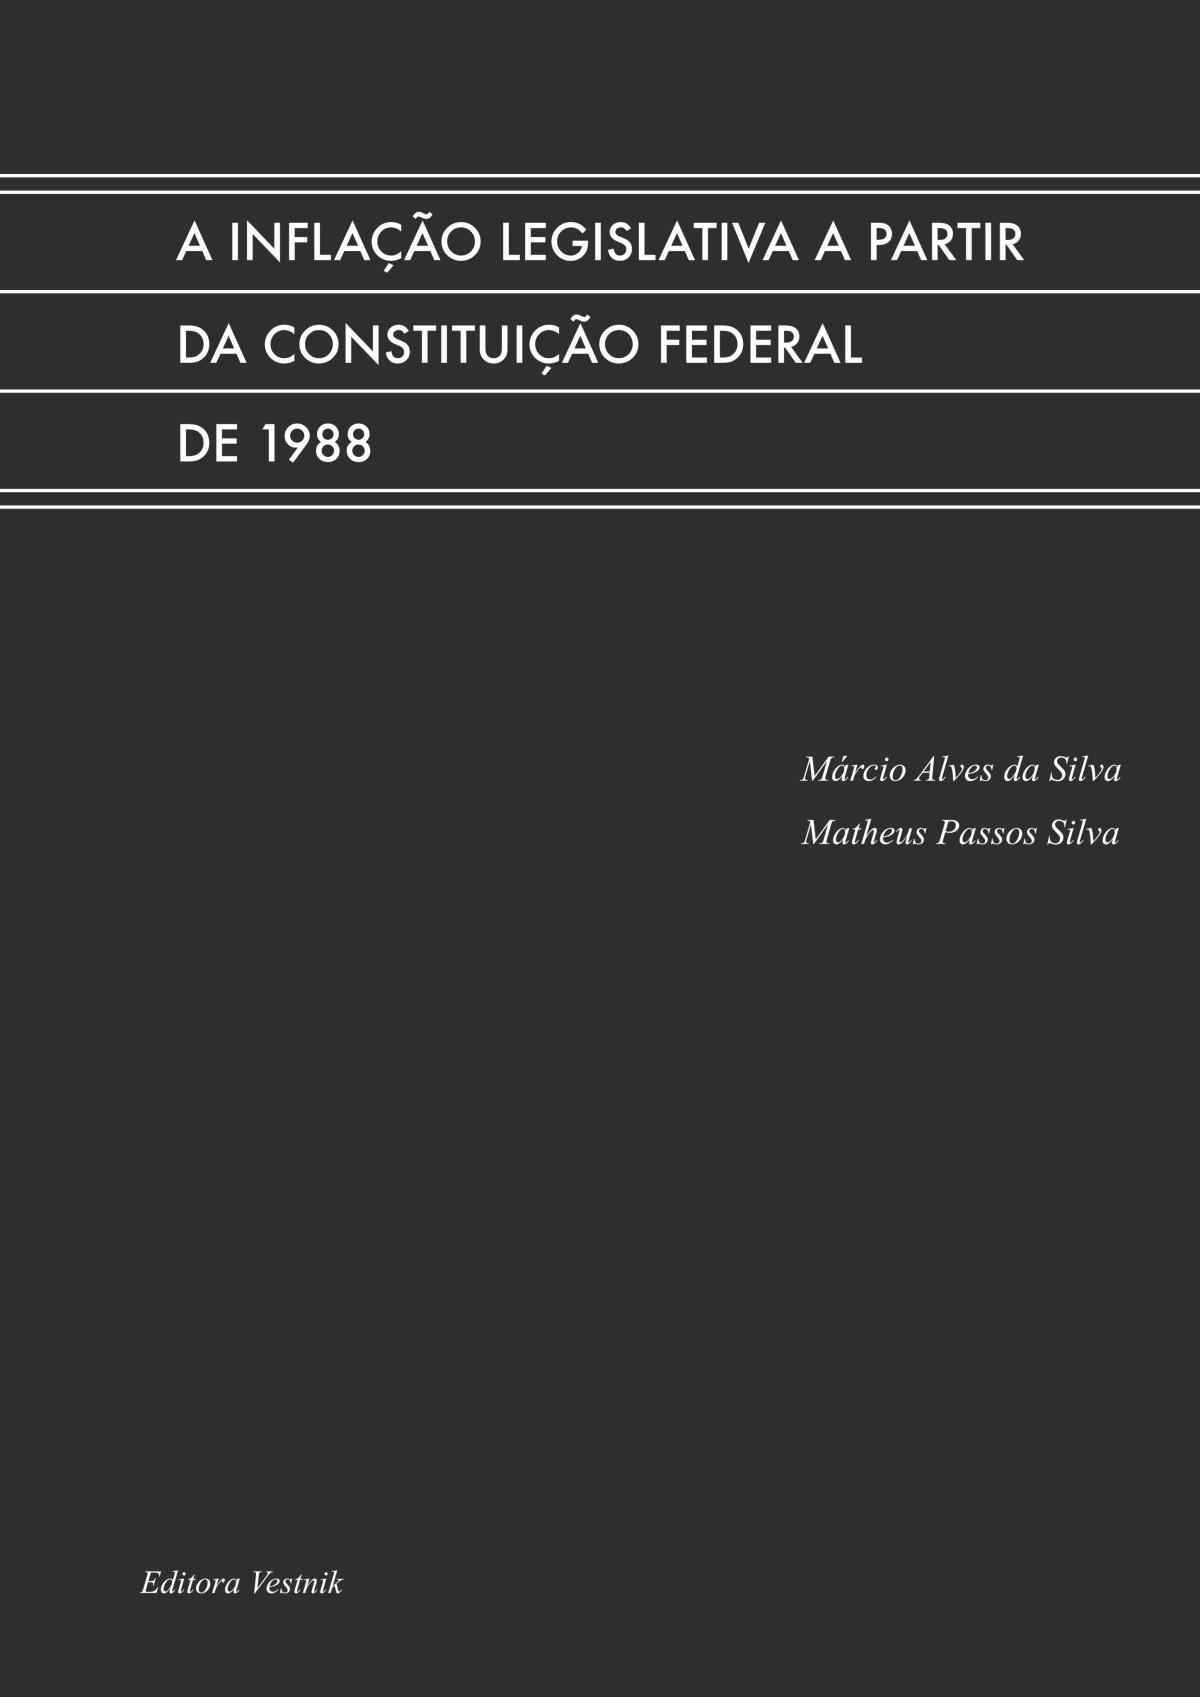 A inflação legislativa a partir da Constituição Federal de1988